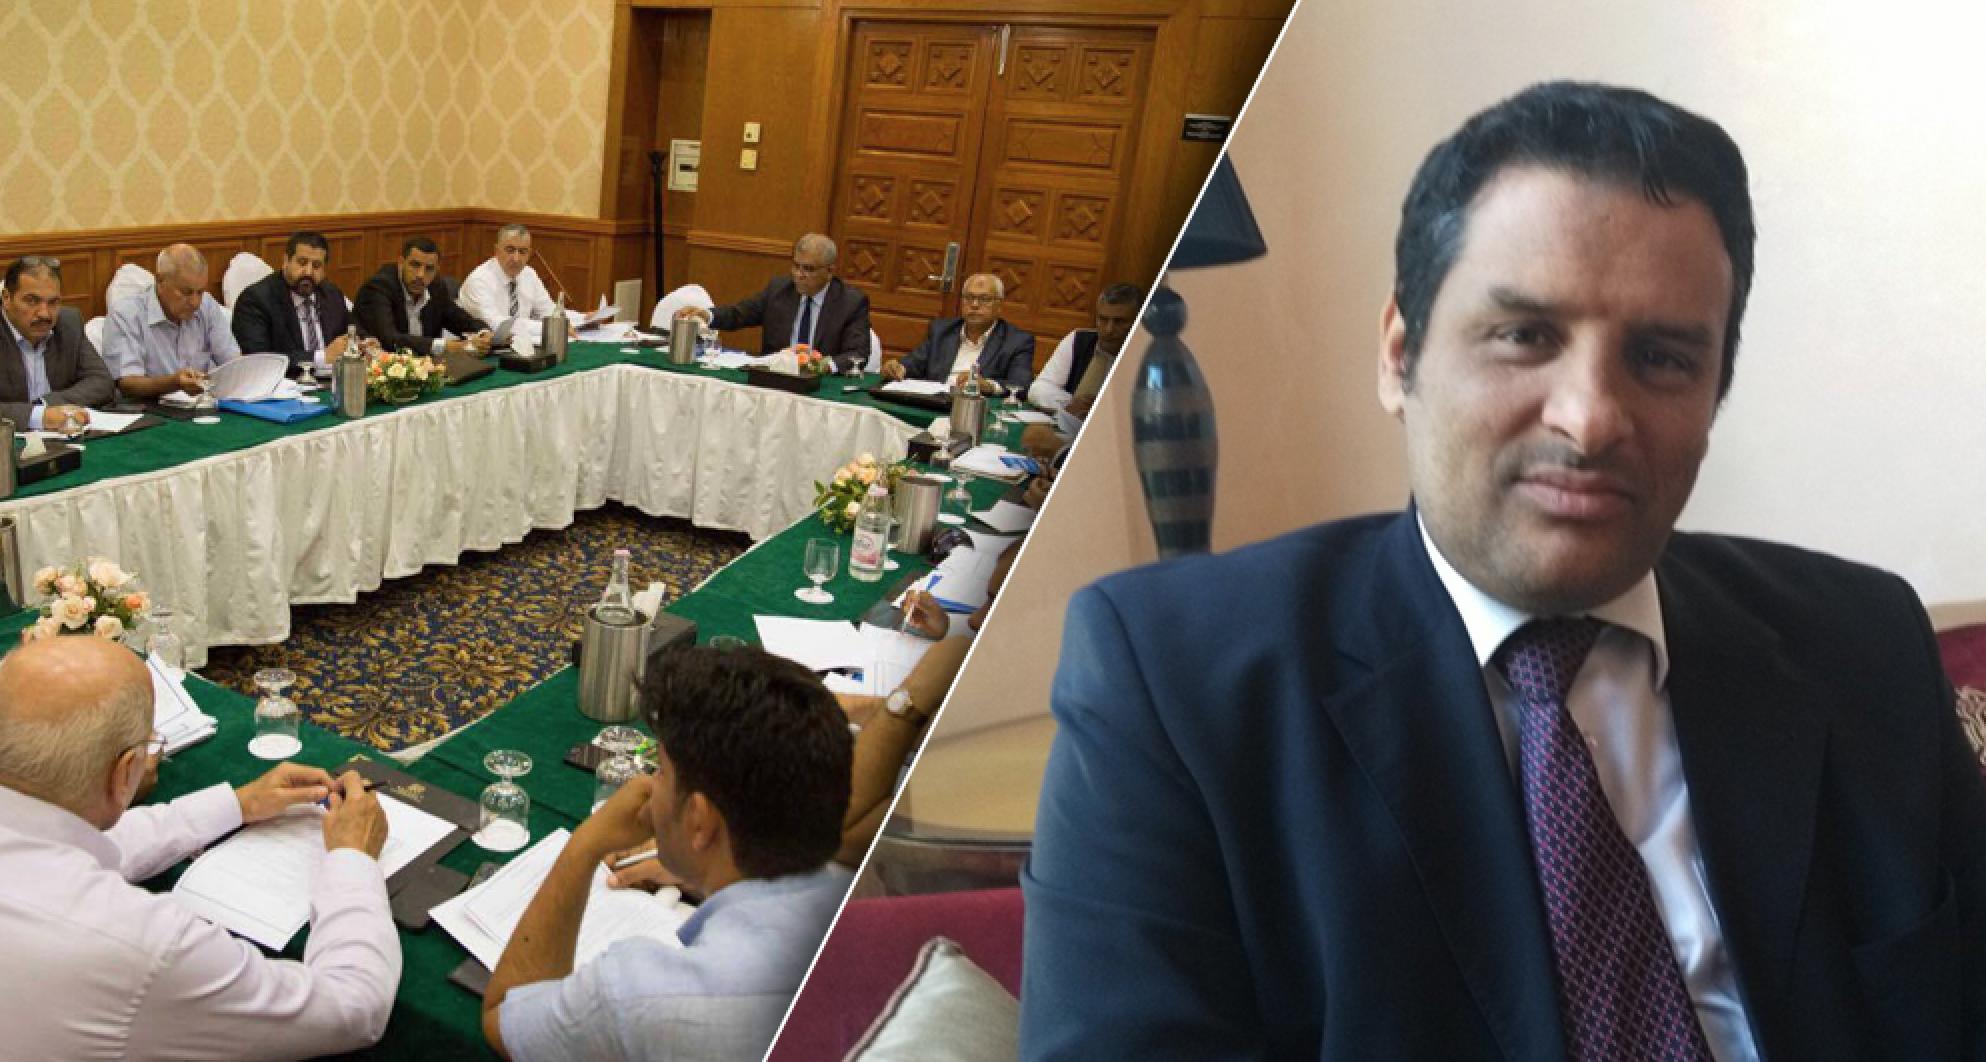 المحلل السياسي السنوسي إسماعيل واجتماعات لجنتي مجلس النواب والمجلس الأعلى للدولة